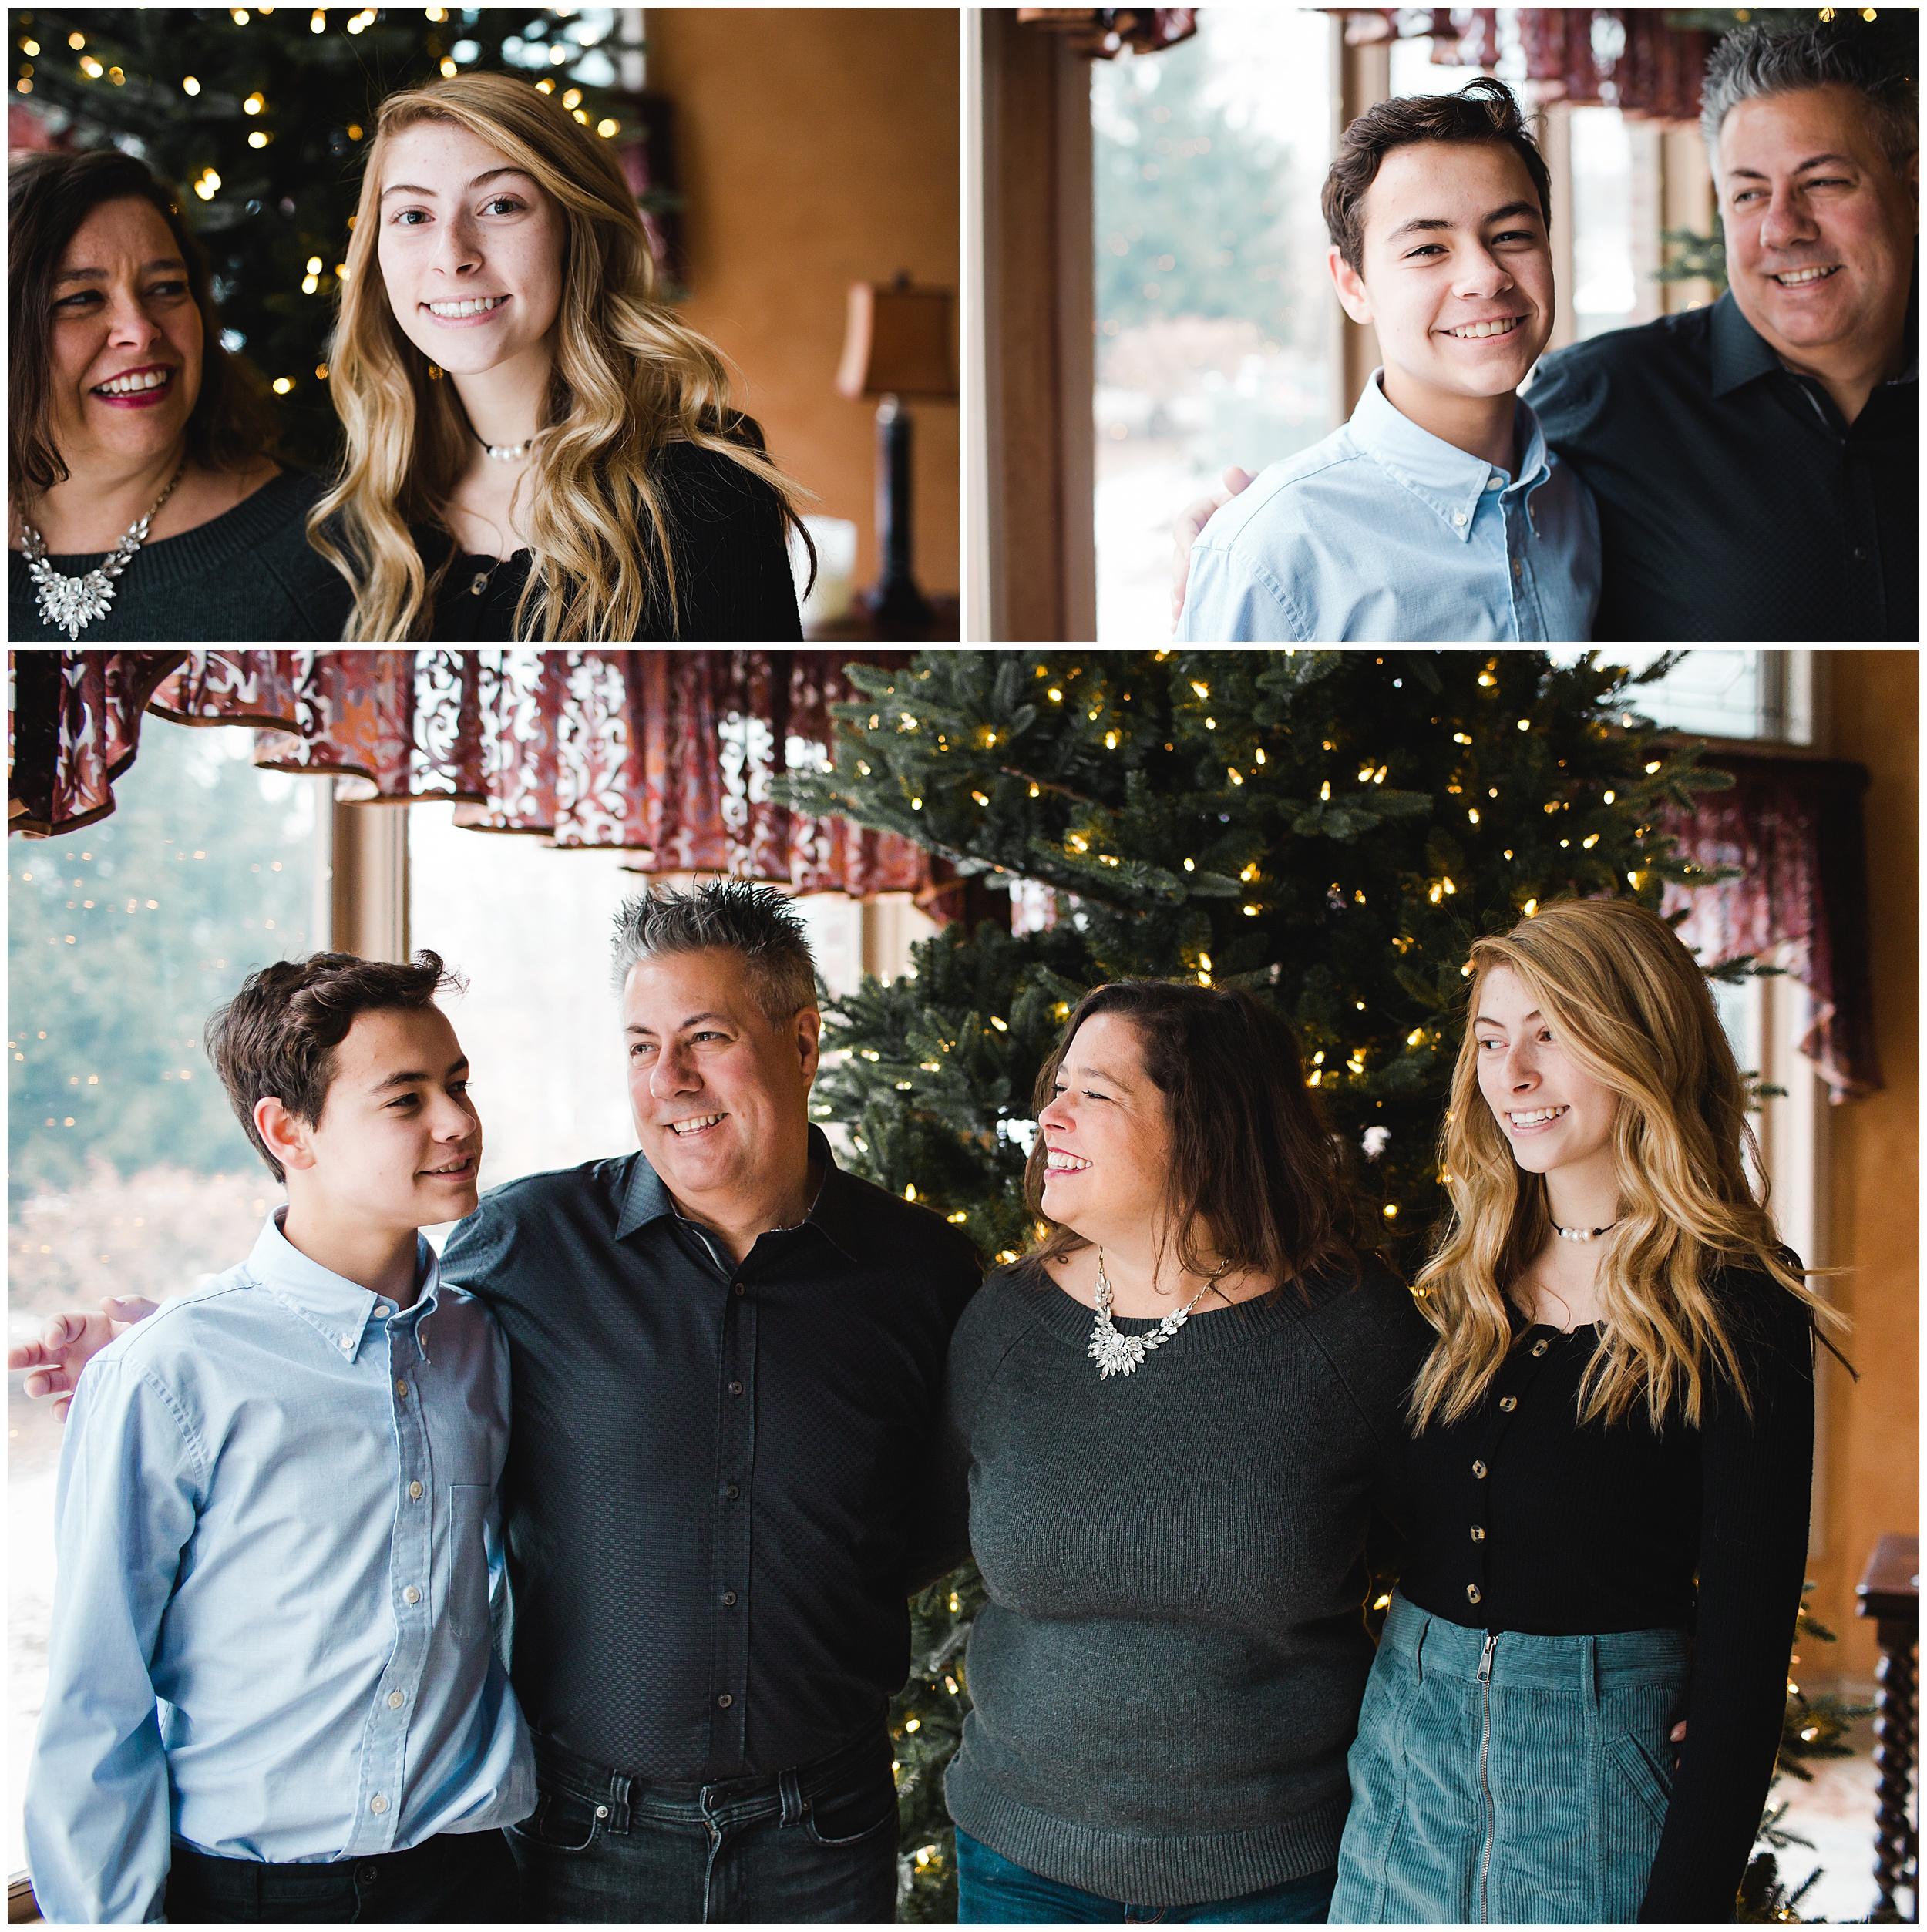 Indianapolis Family Photographer_Kelli White Photography_IG_0233.jpg